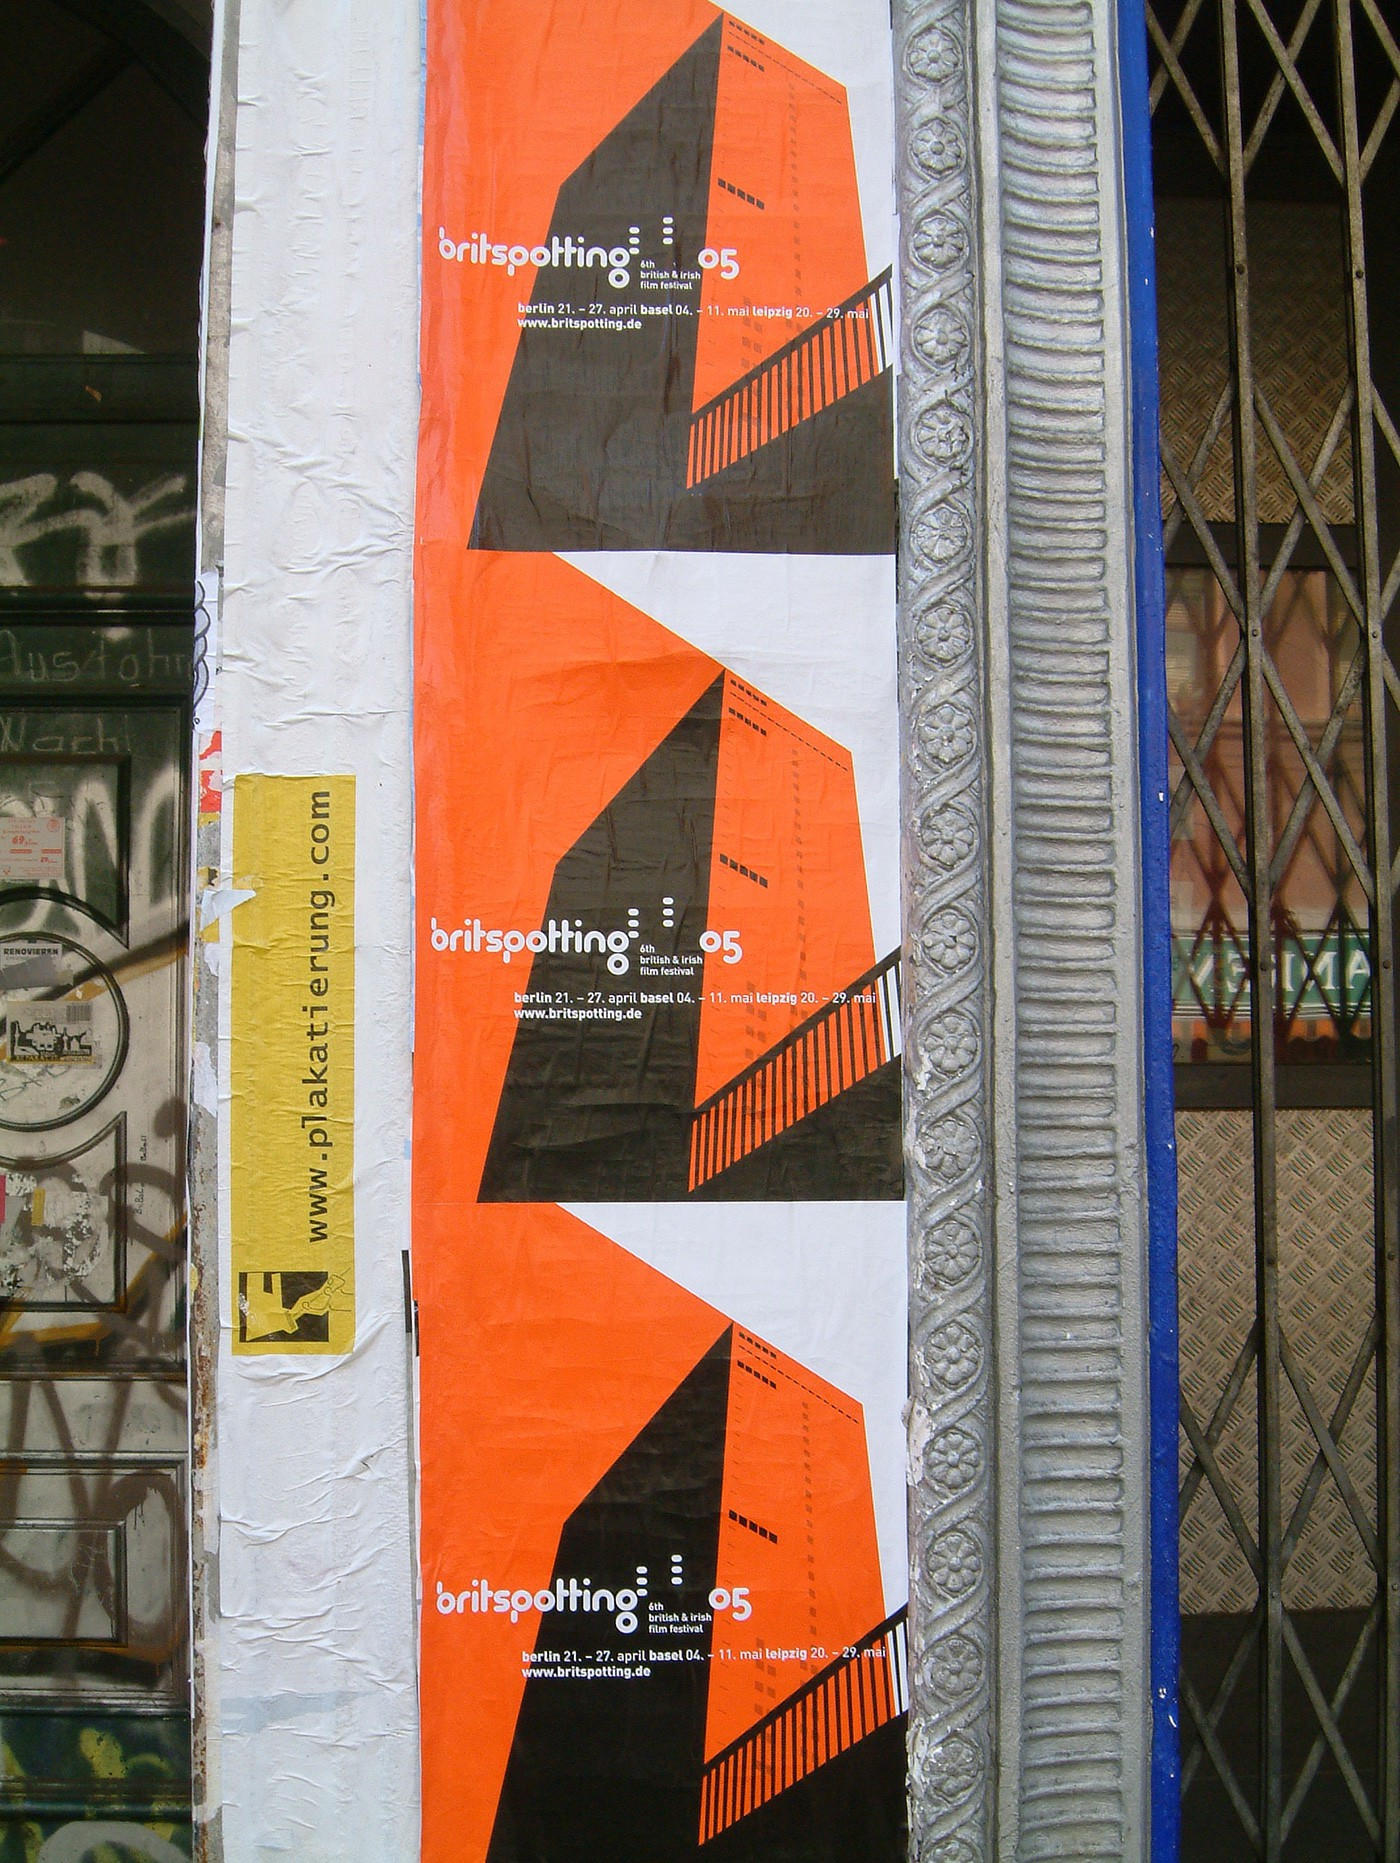 Britspotting Film Festival Design by upstruct